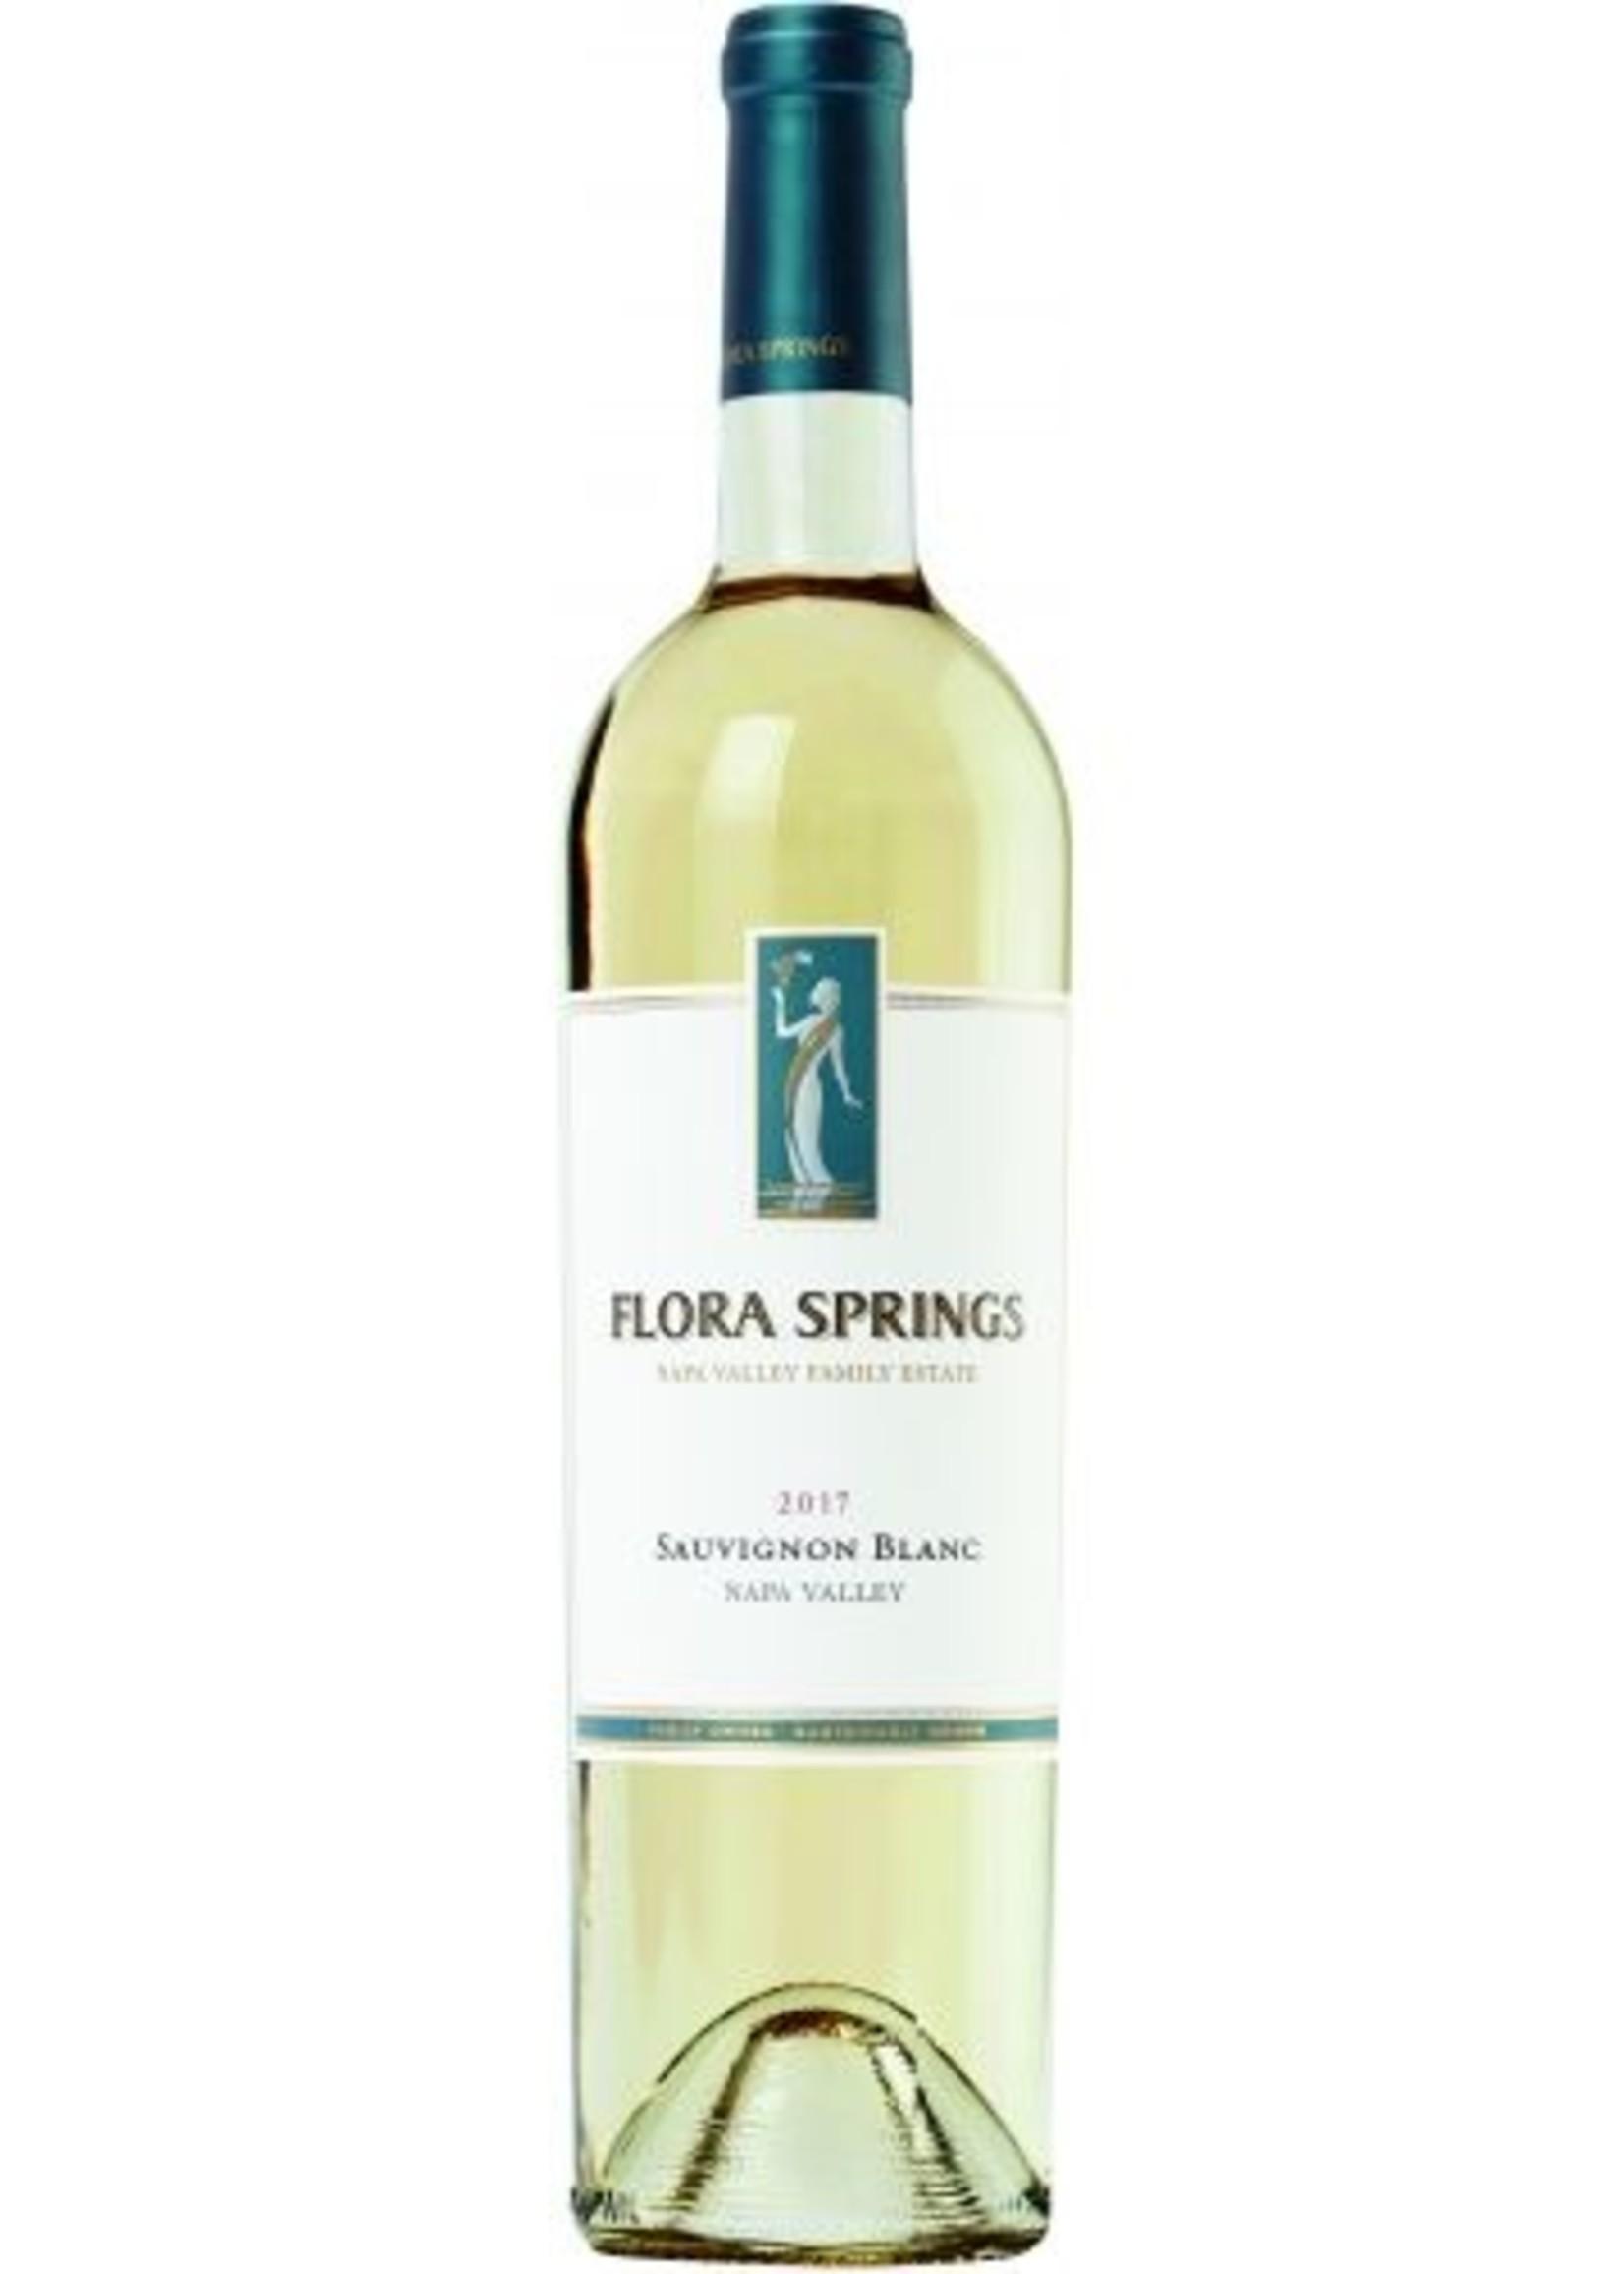 Flora Springs Napa Valley Sauvignon Blanc